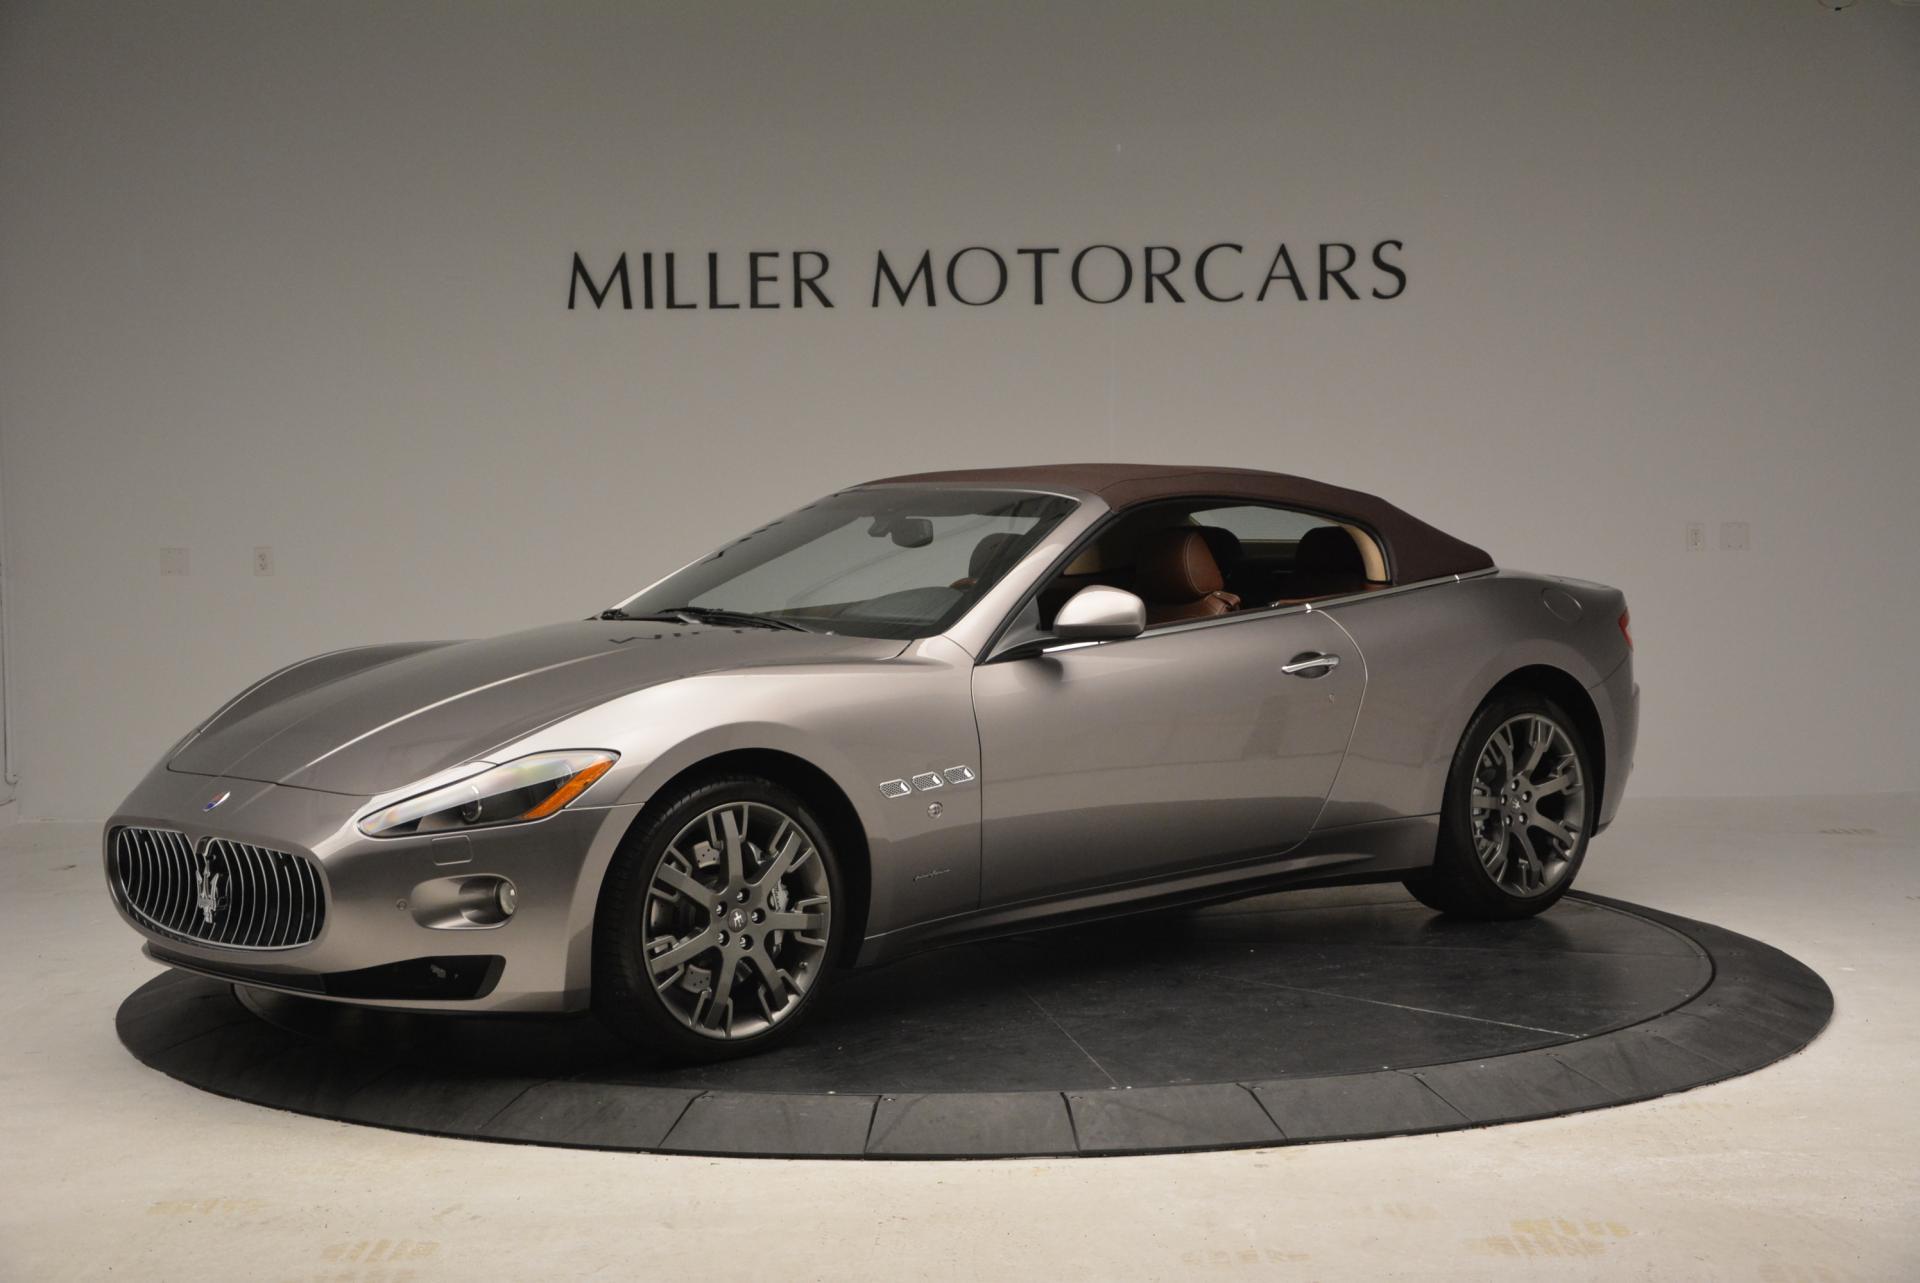 Used 2012 Maserati GranTurismo  For Sale In Westport, CT 157_p14